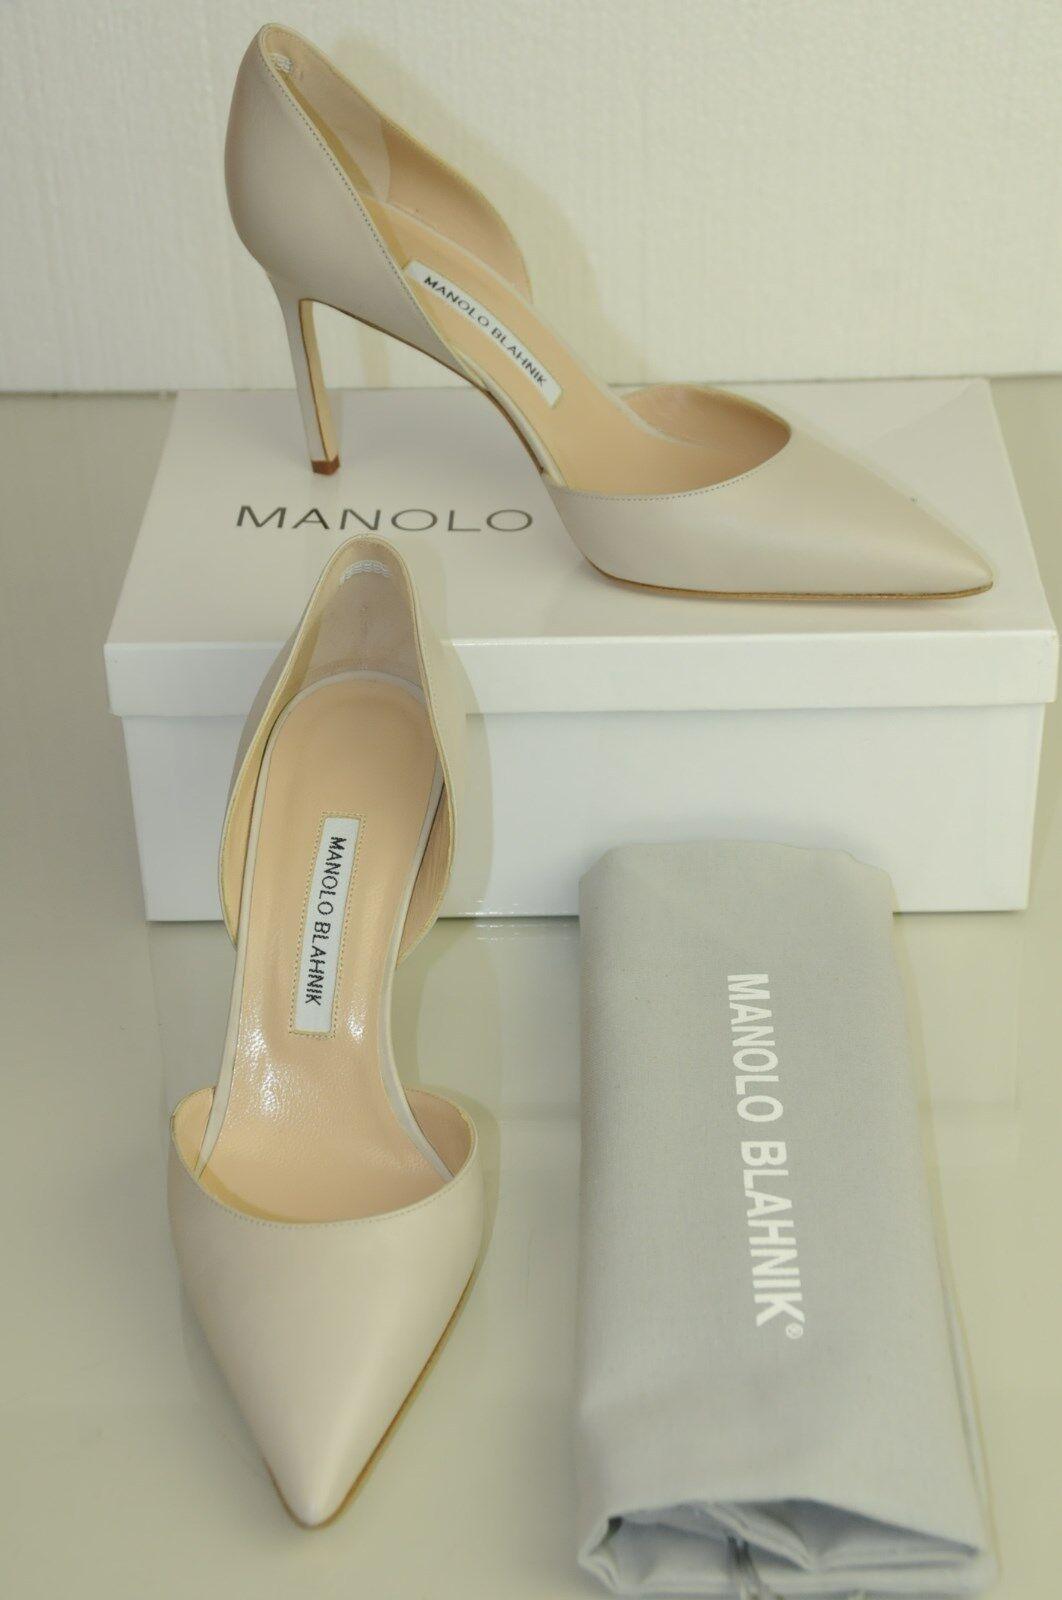 Nuevo De Manolo Blahnik Tayler 90 90 90 Nude Beige Claro gris Tacones Pumps Dorsay Zapatos 40.5  los clientes primero